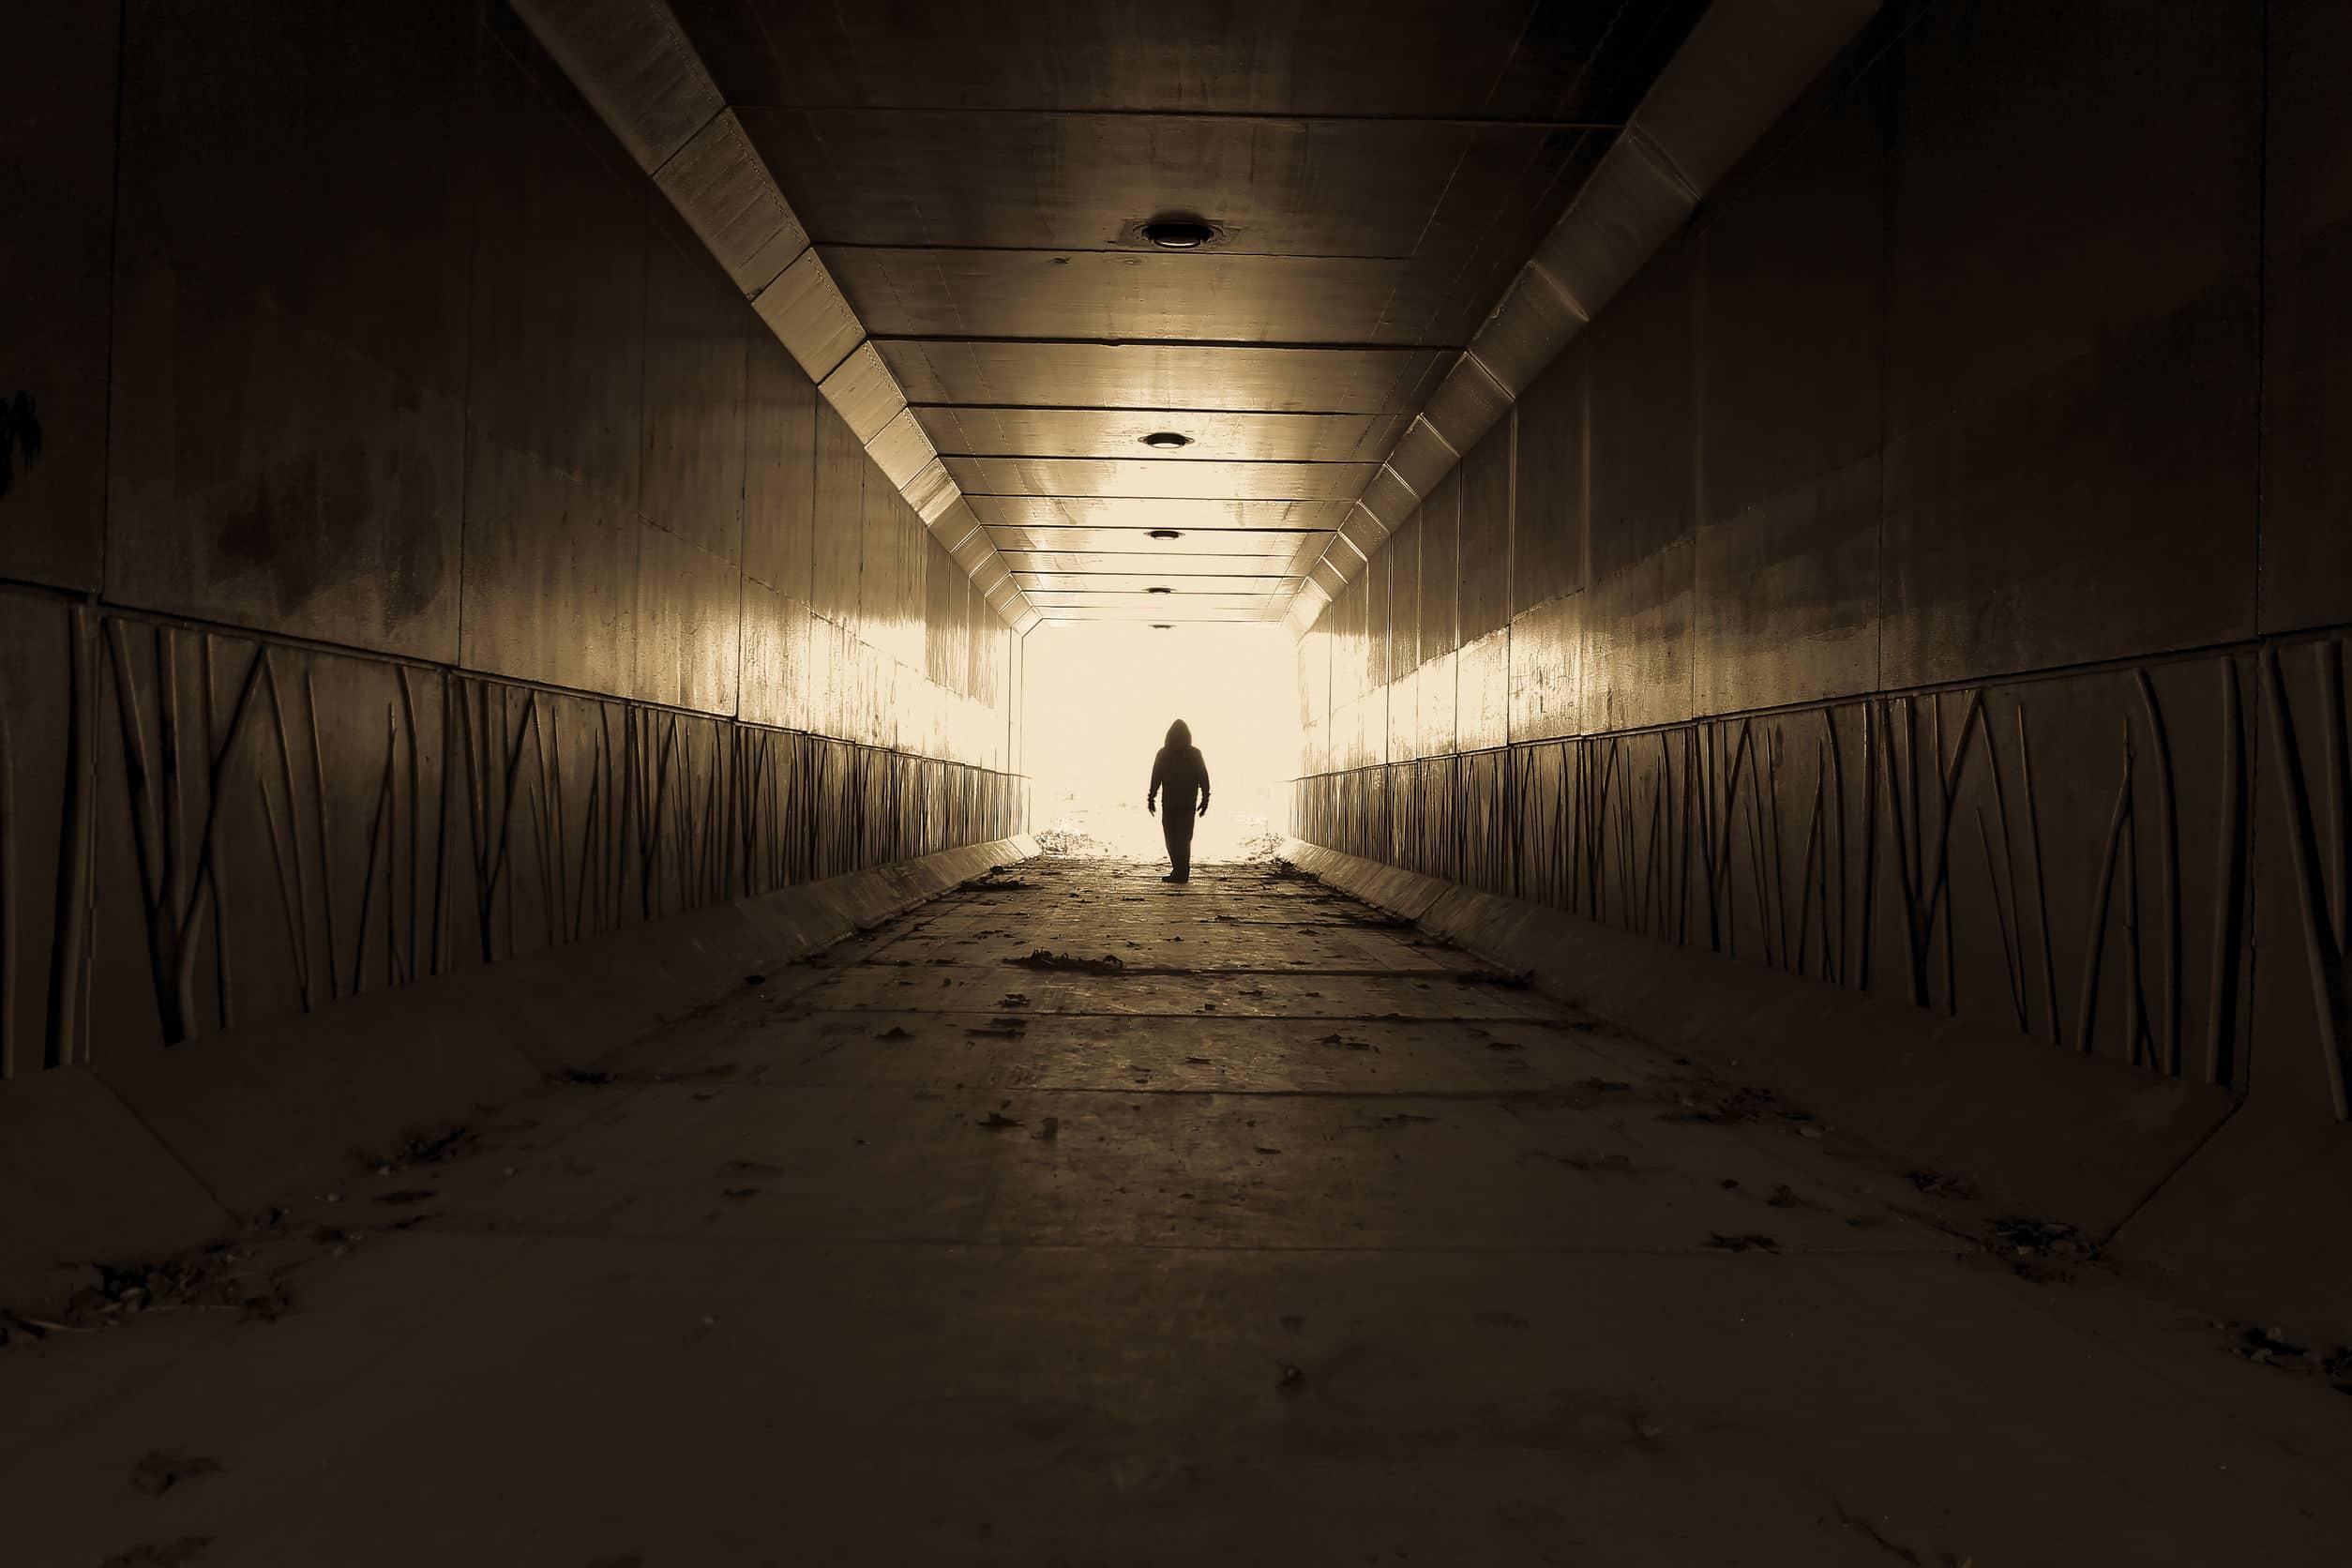 Silhueta de homem vestindo um capuz, em túnel com uma luz no final